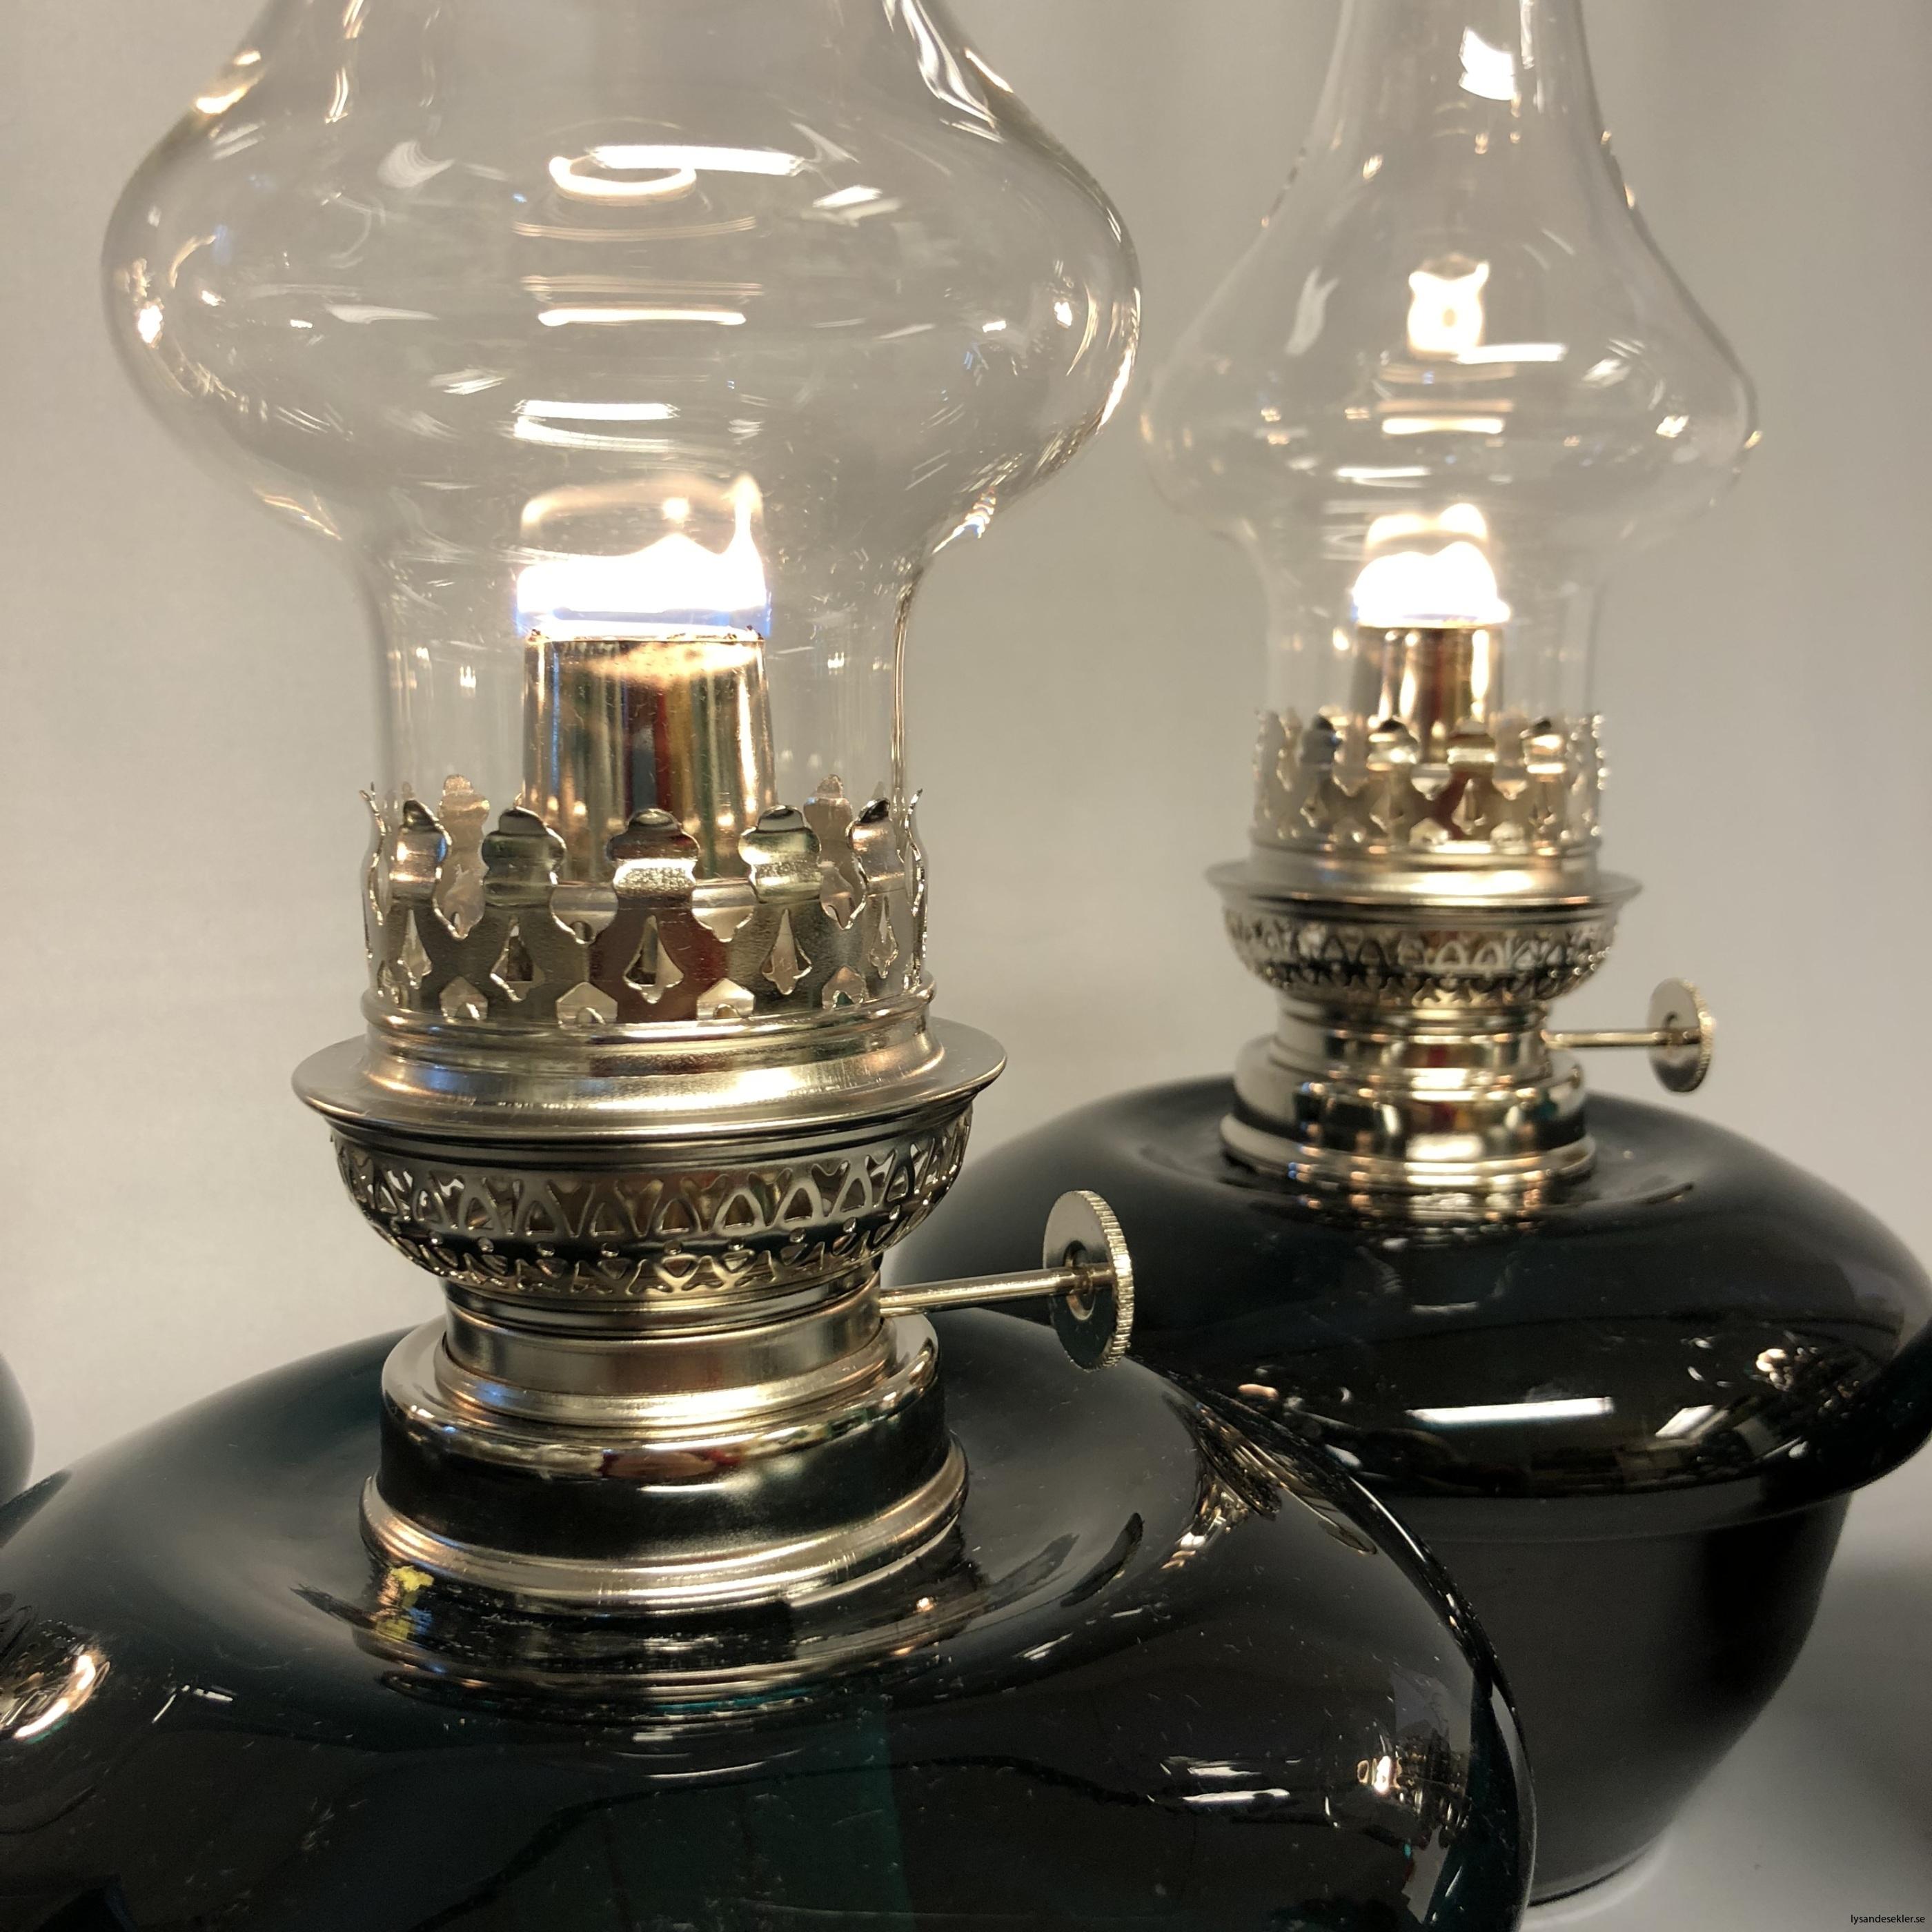 fotogenlampa fotogenlampor oljelampa oljelampor renoverad antik antikvitet35